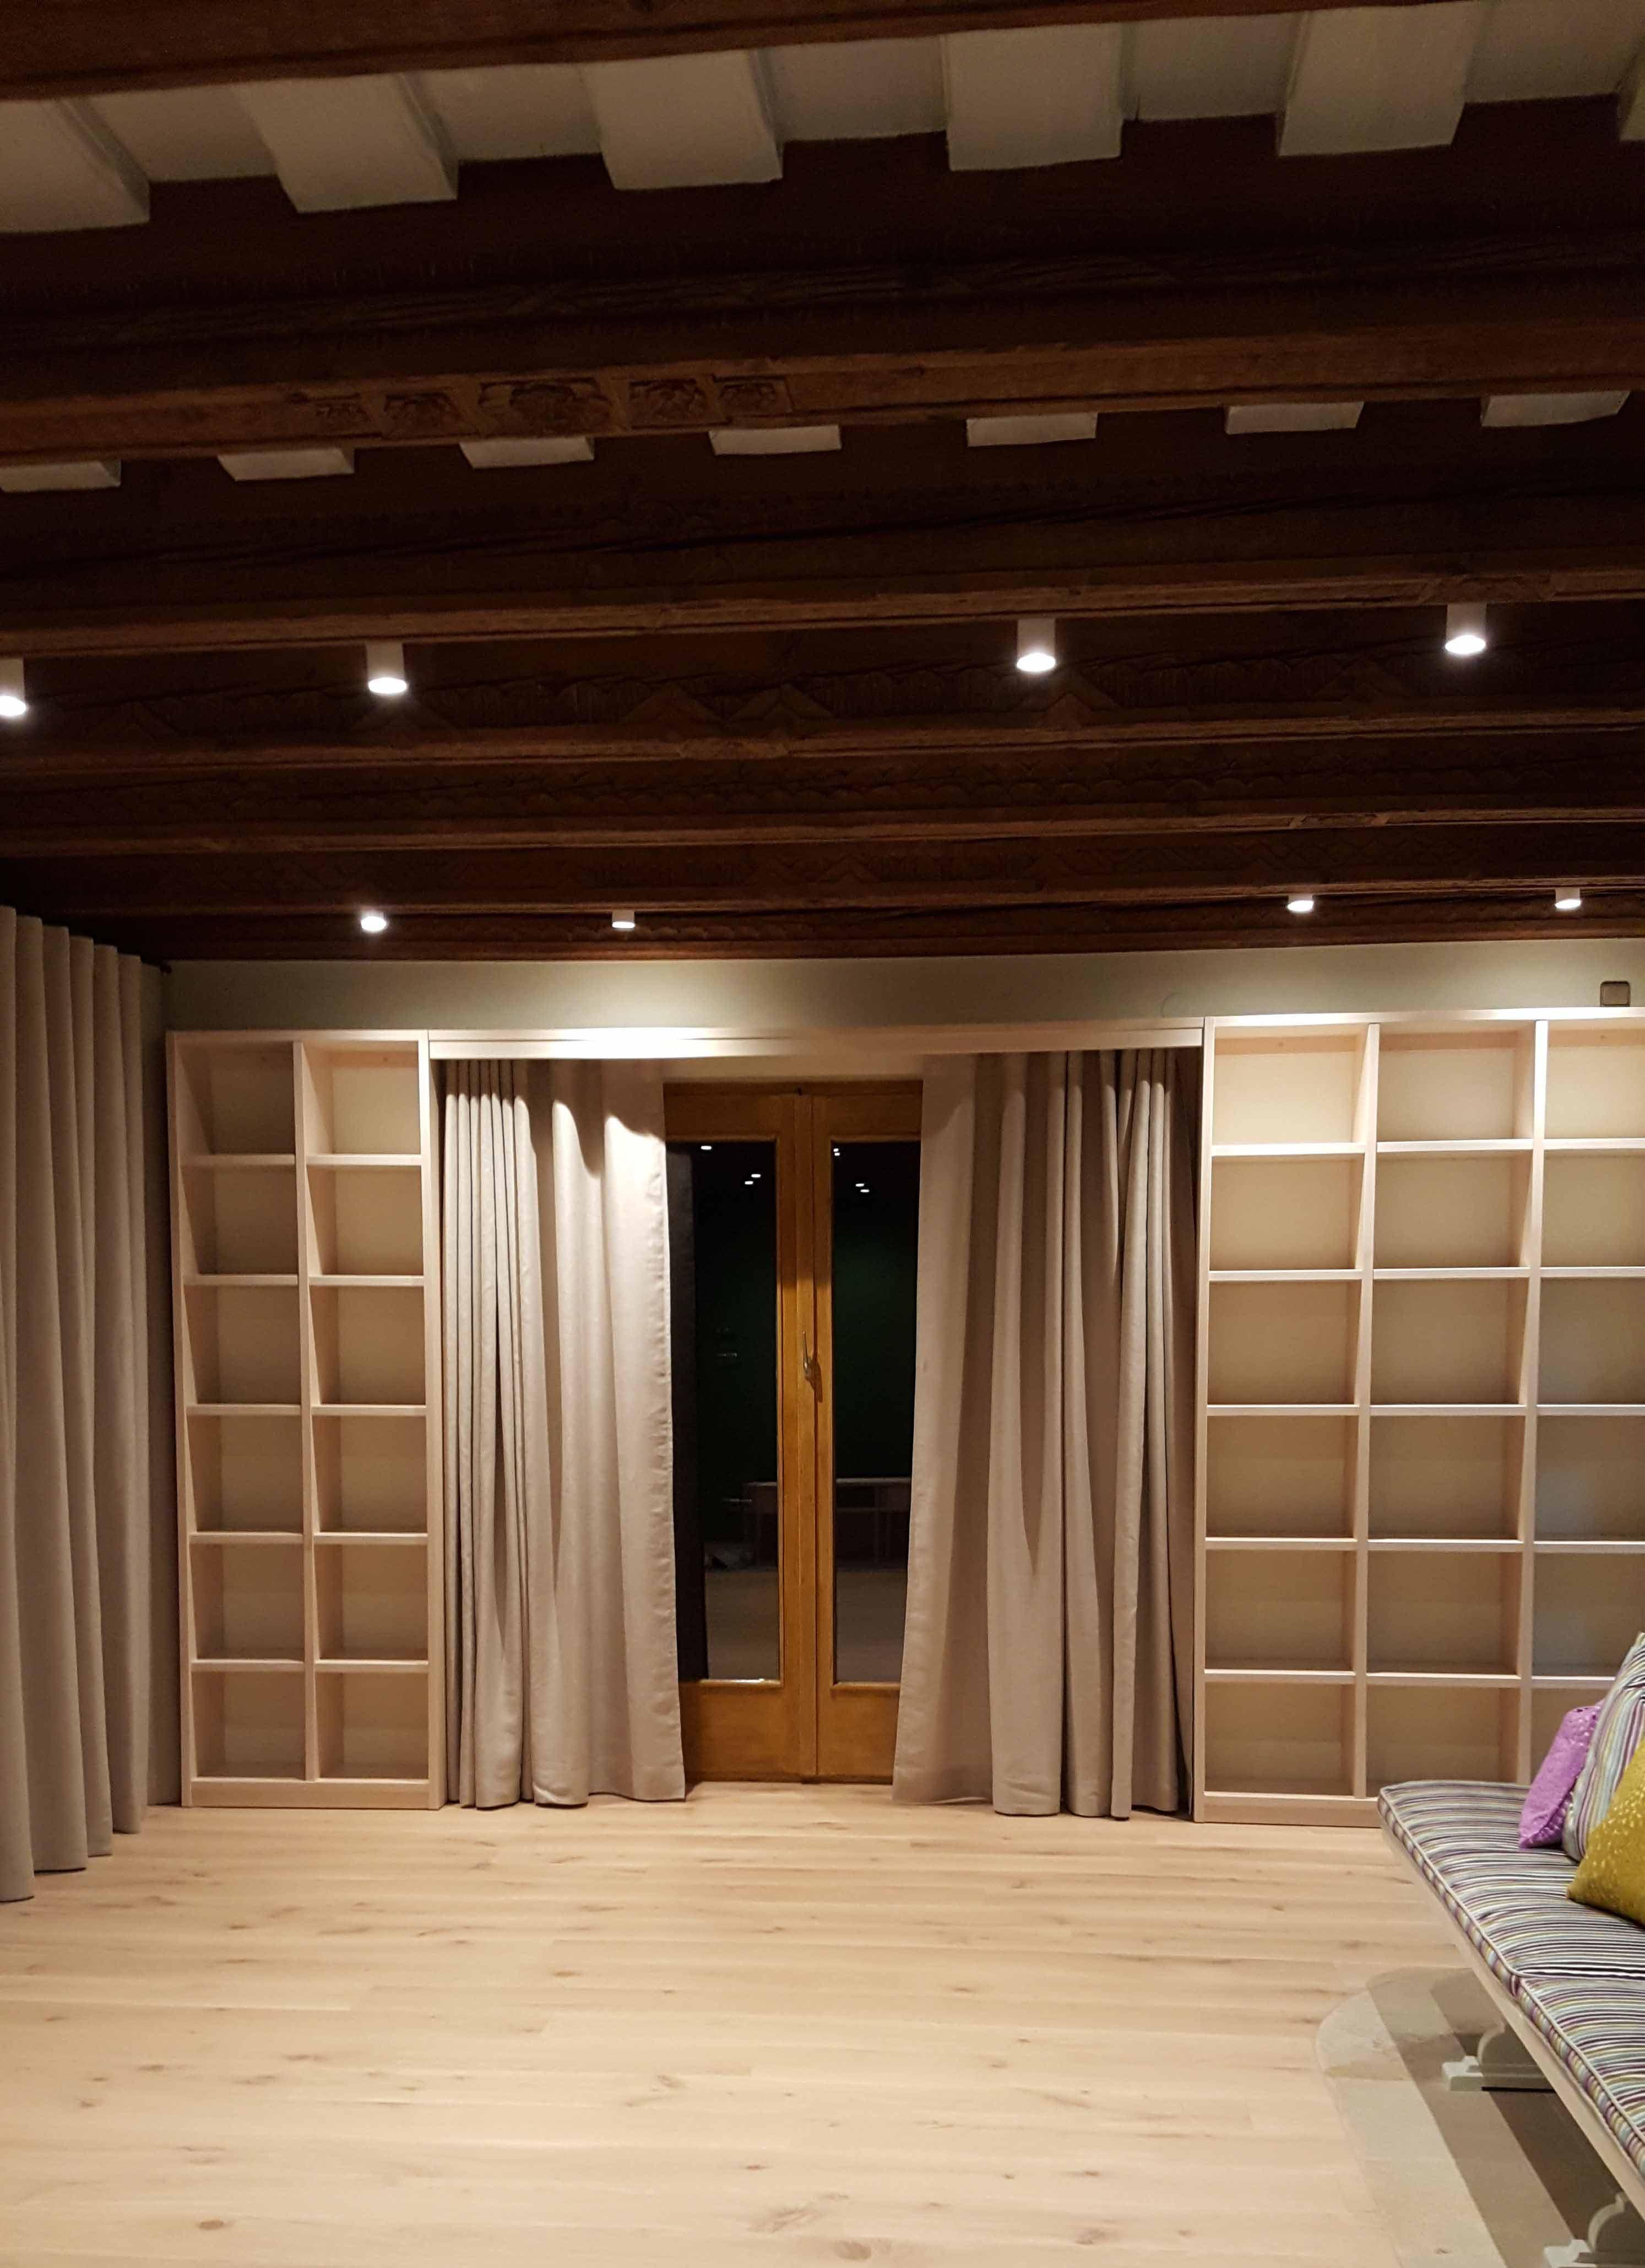 innenraum gestalten by innenraum gestaltung karin zugmayer interior design